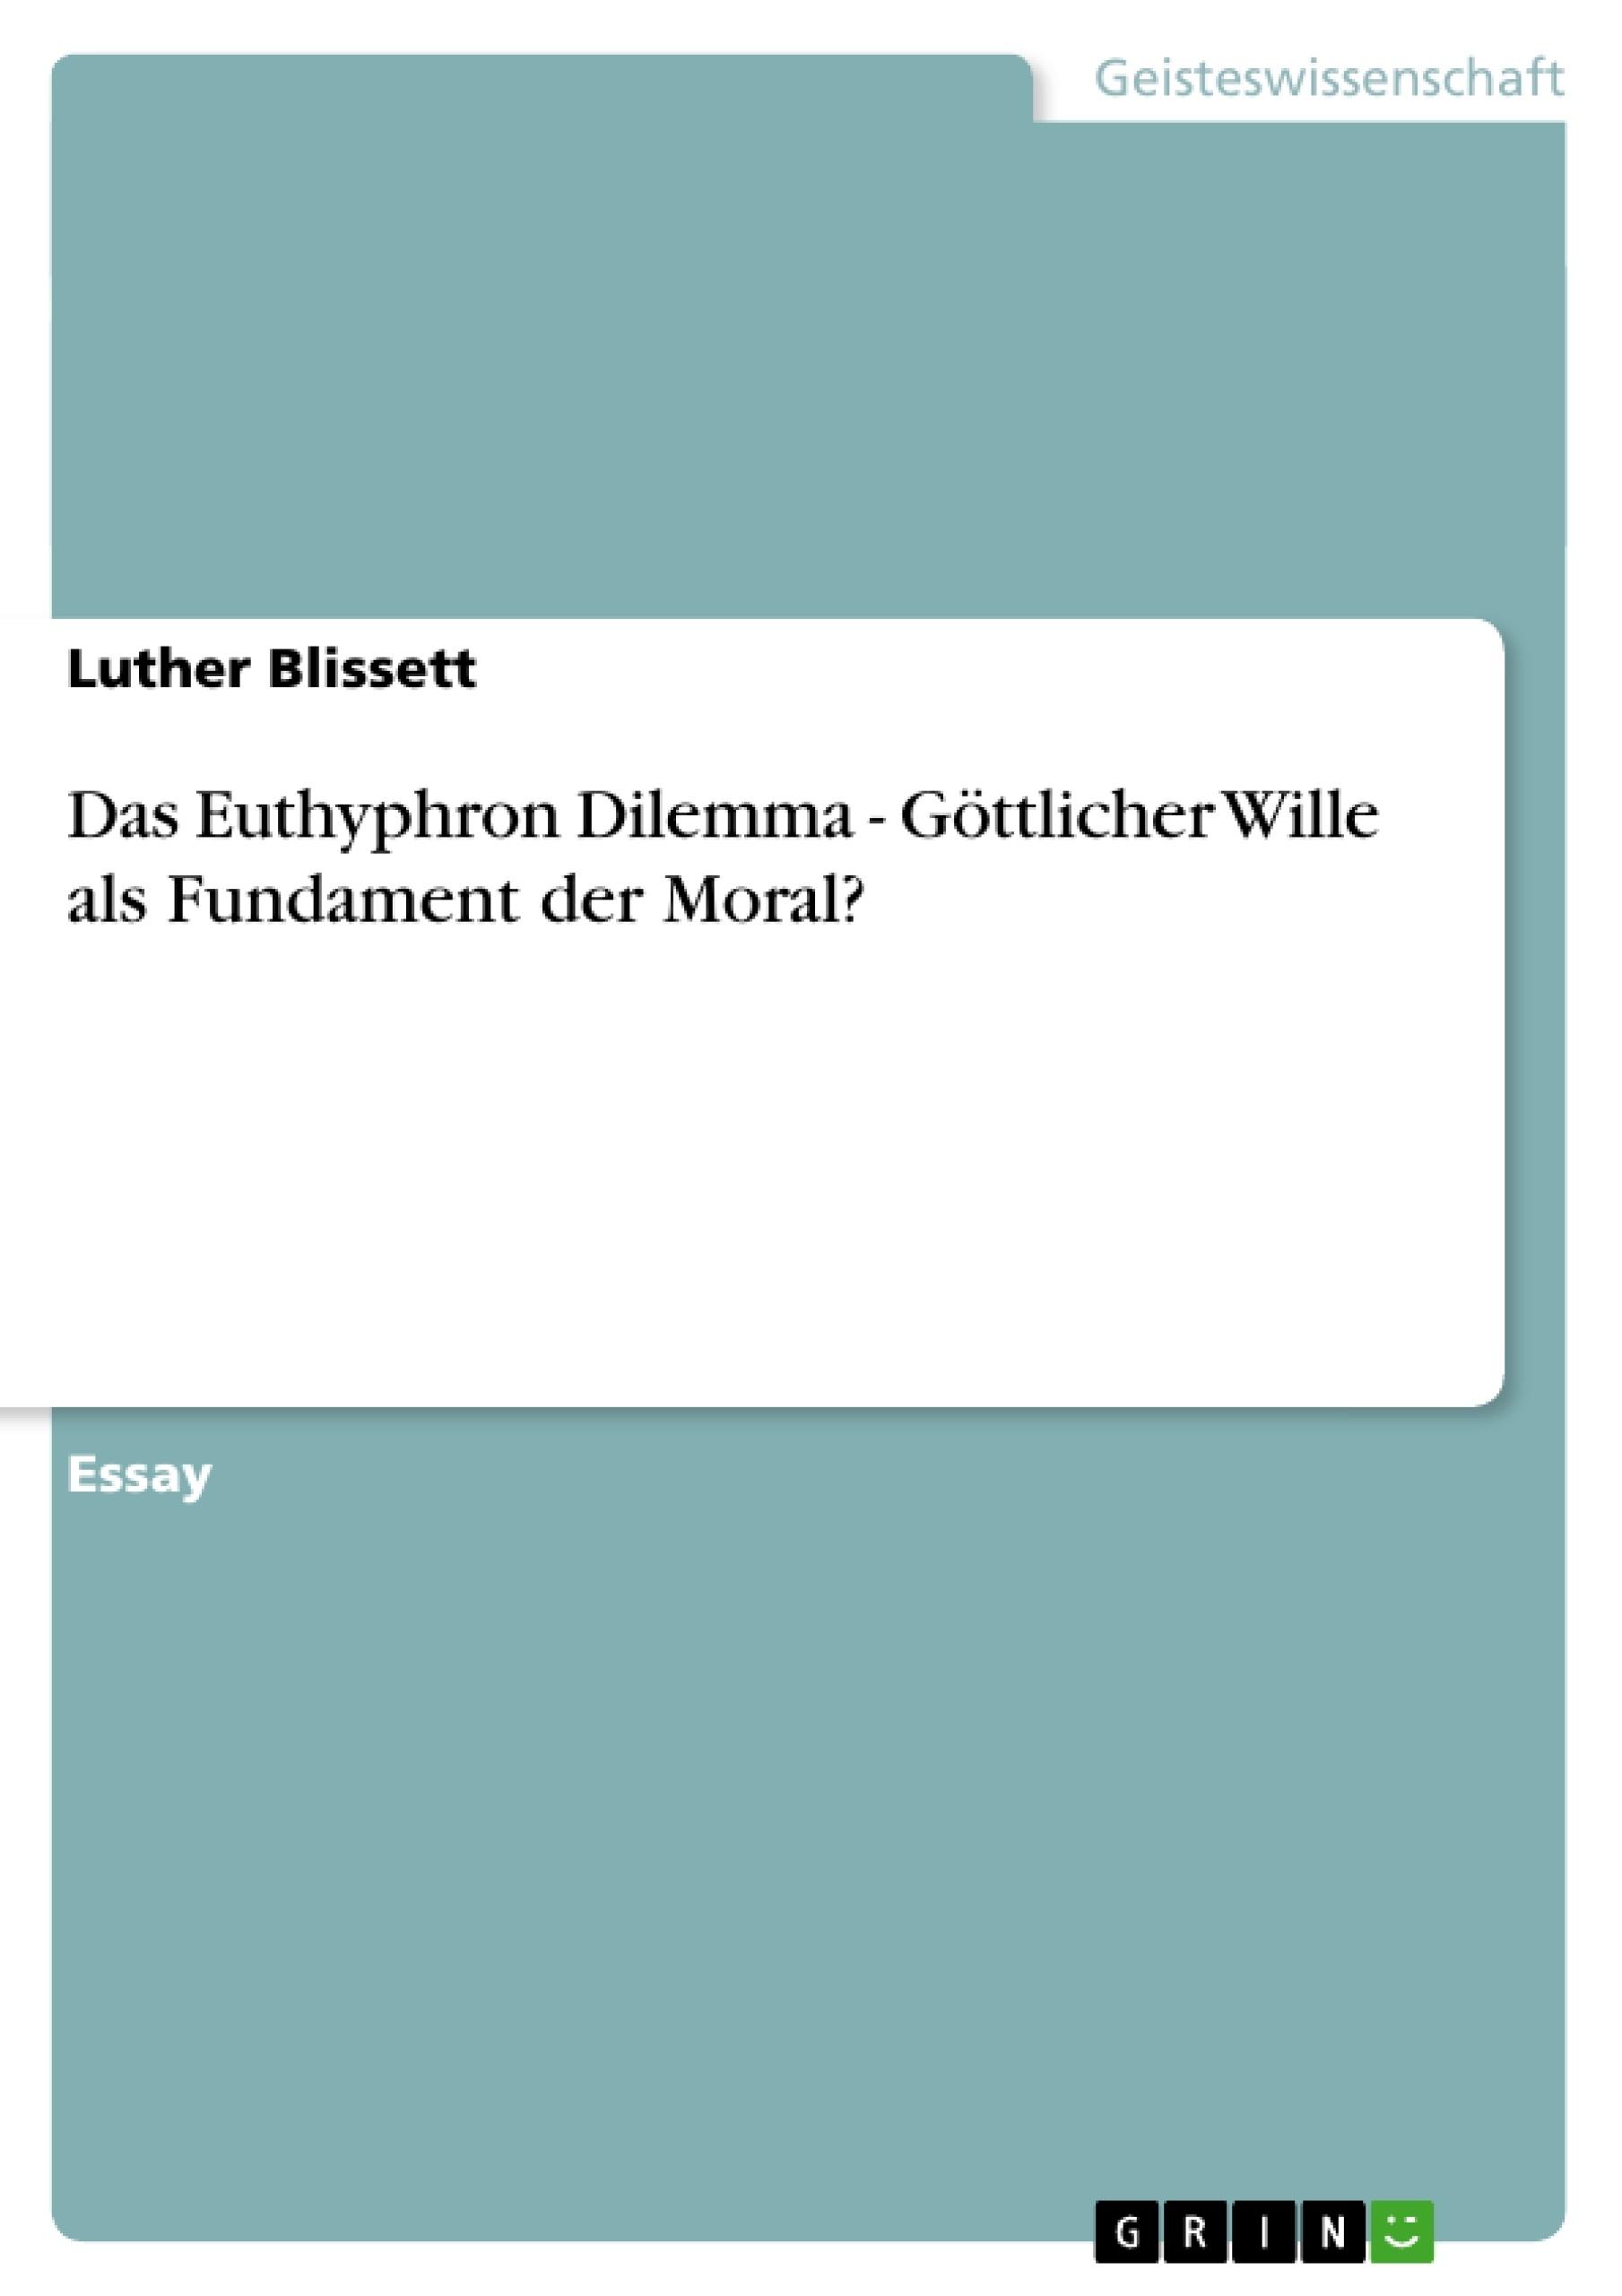 Titel: Das Euthyphron Dilemma - Göttlicher Wille als Fundament der Moral?